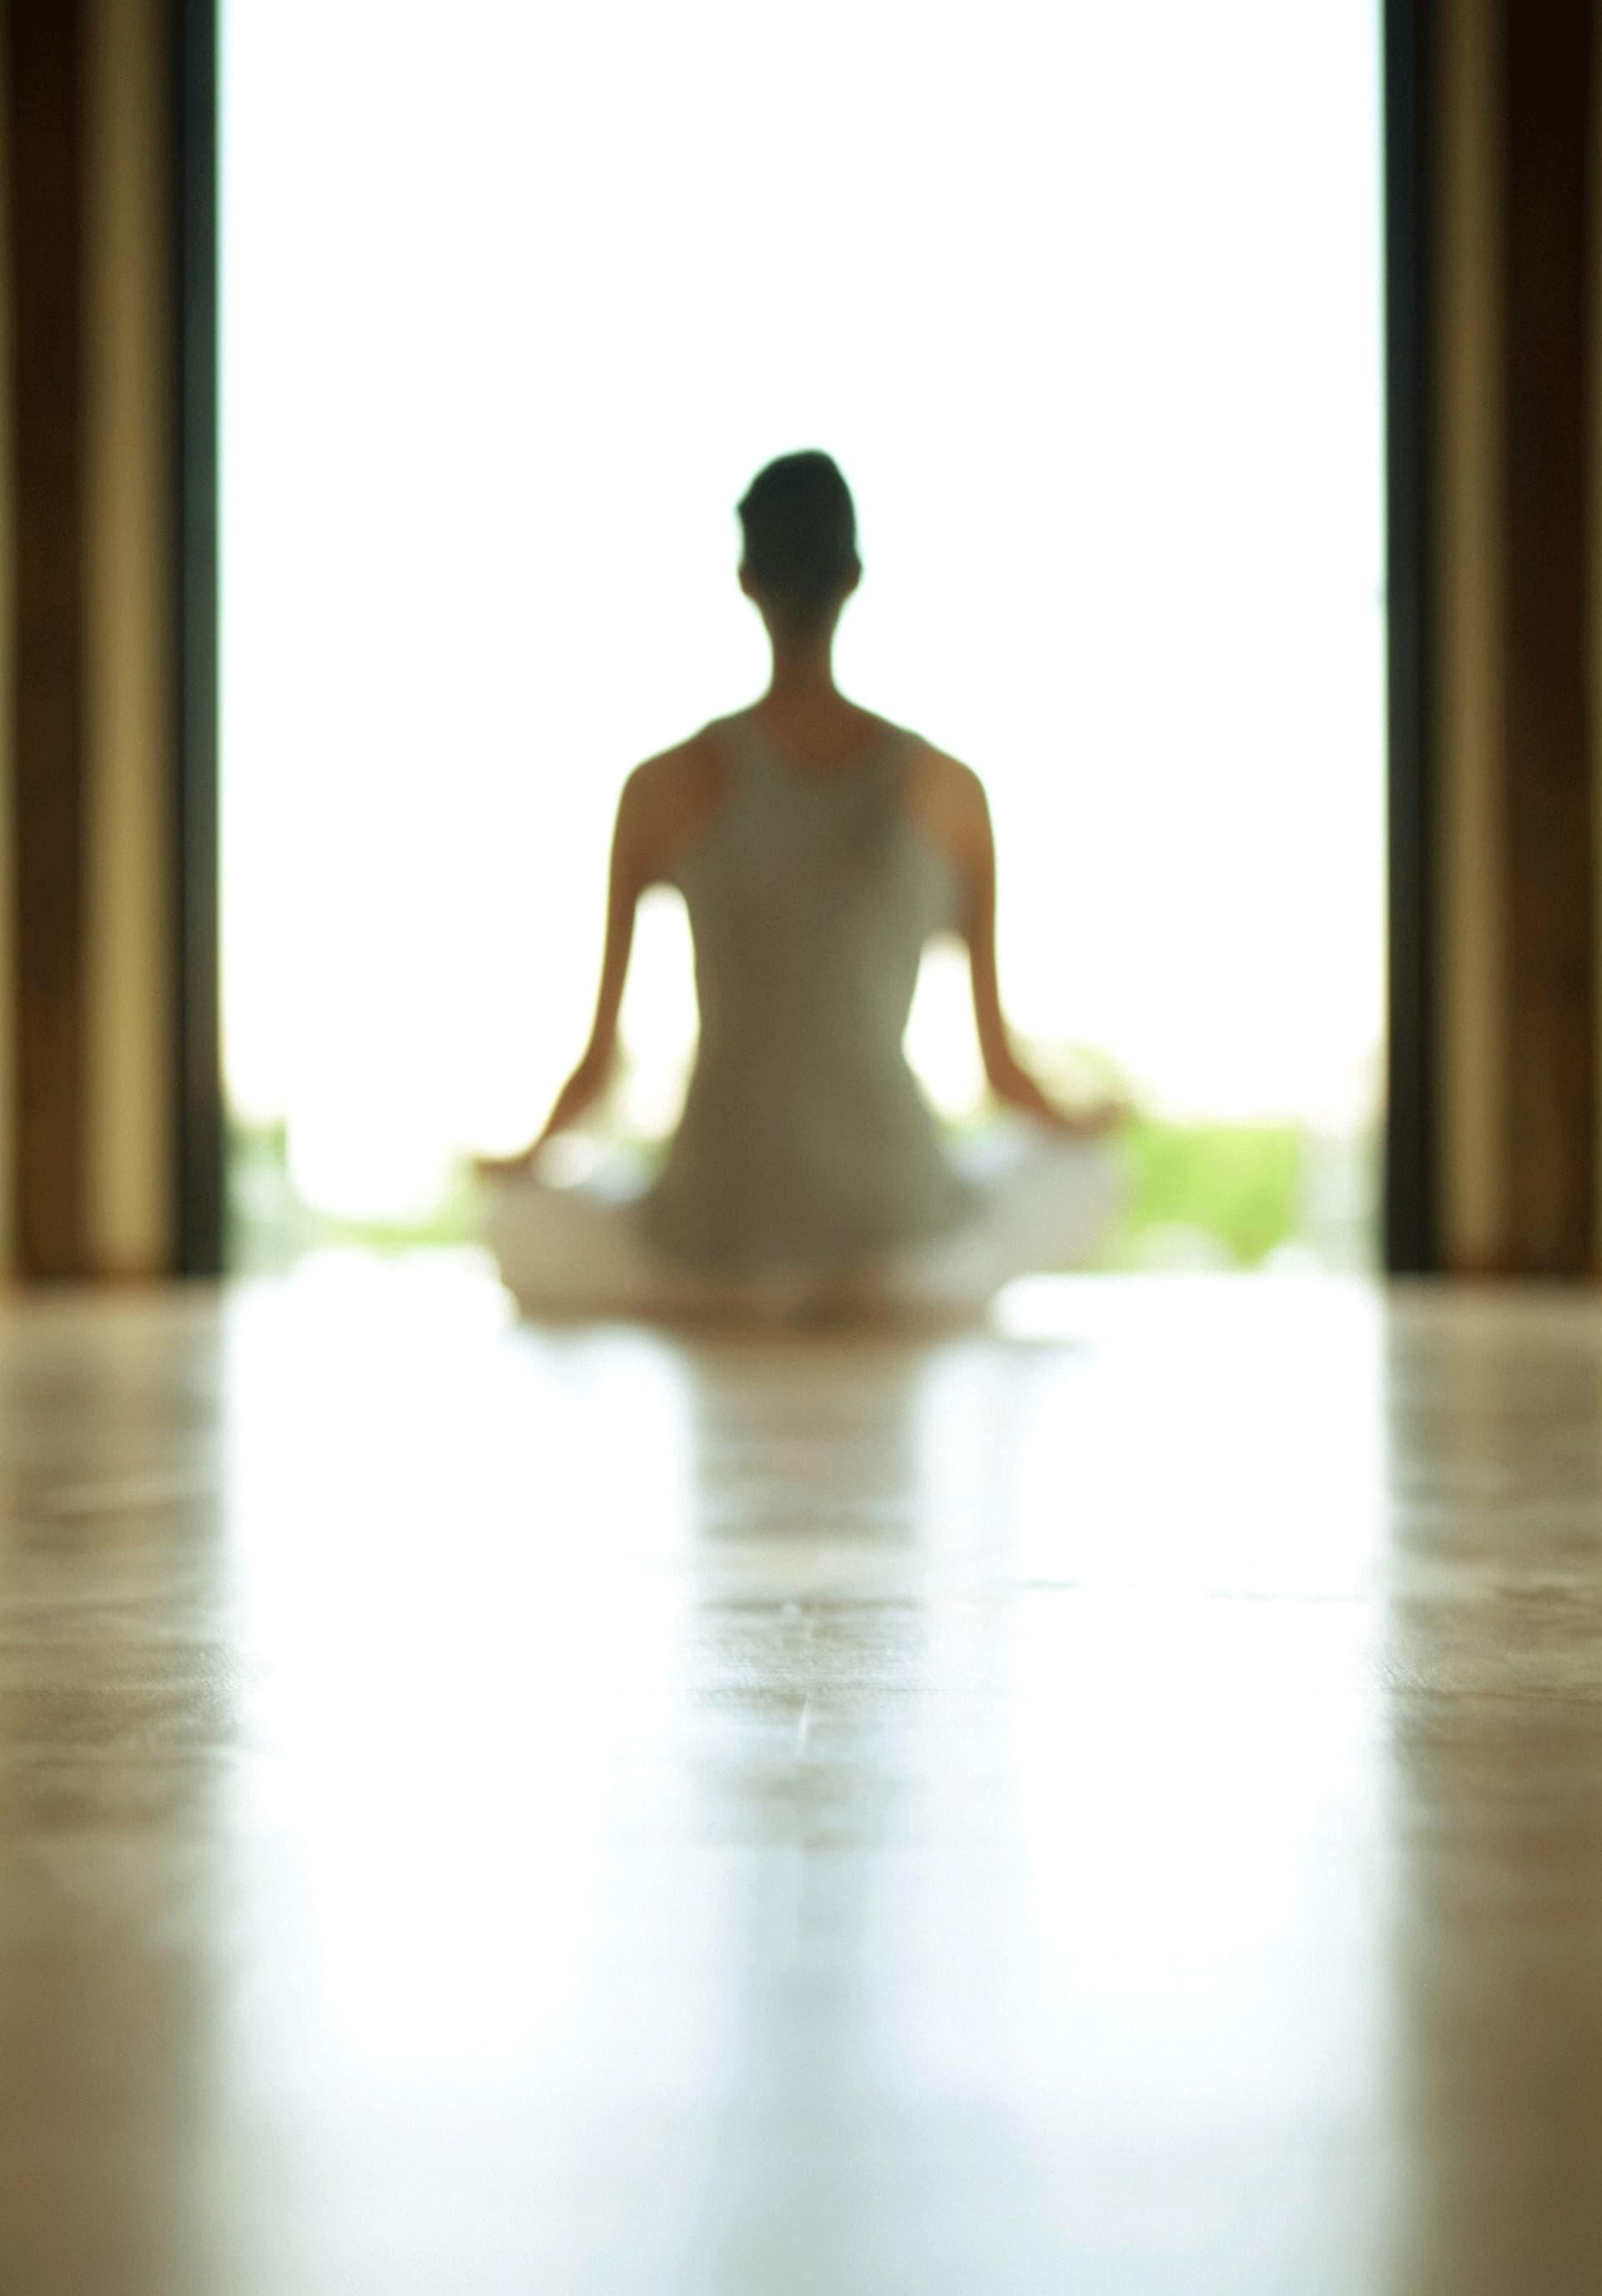 Eine Frau sitzt im Lotussitz vor einem Fenster. Man sieht sie von hinten, das Bild ist verschwommen.